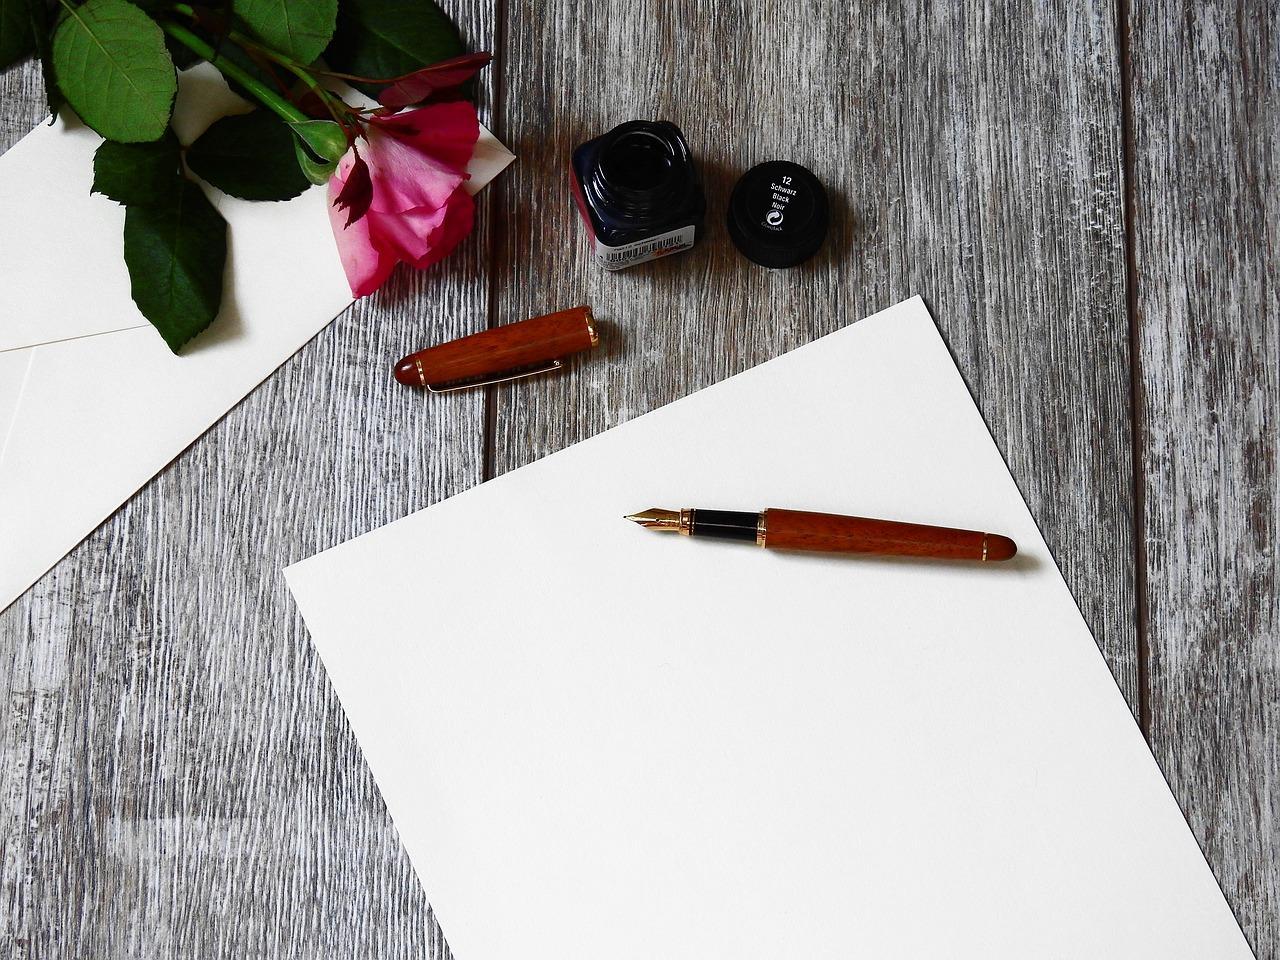 afscheidsbrief schrijven